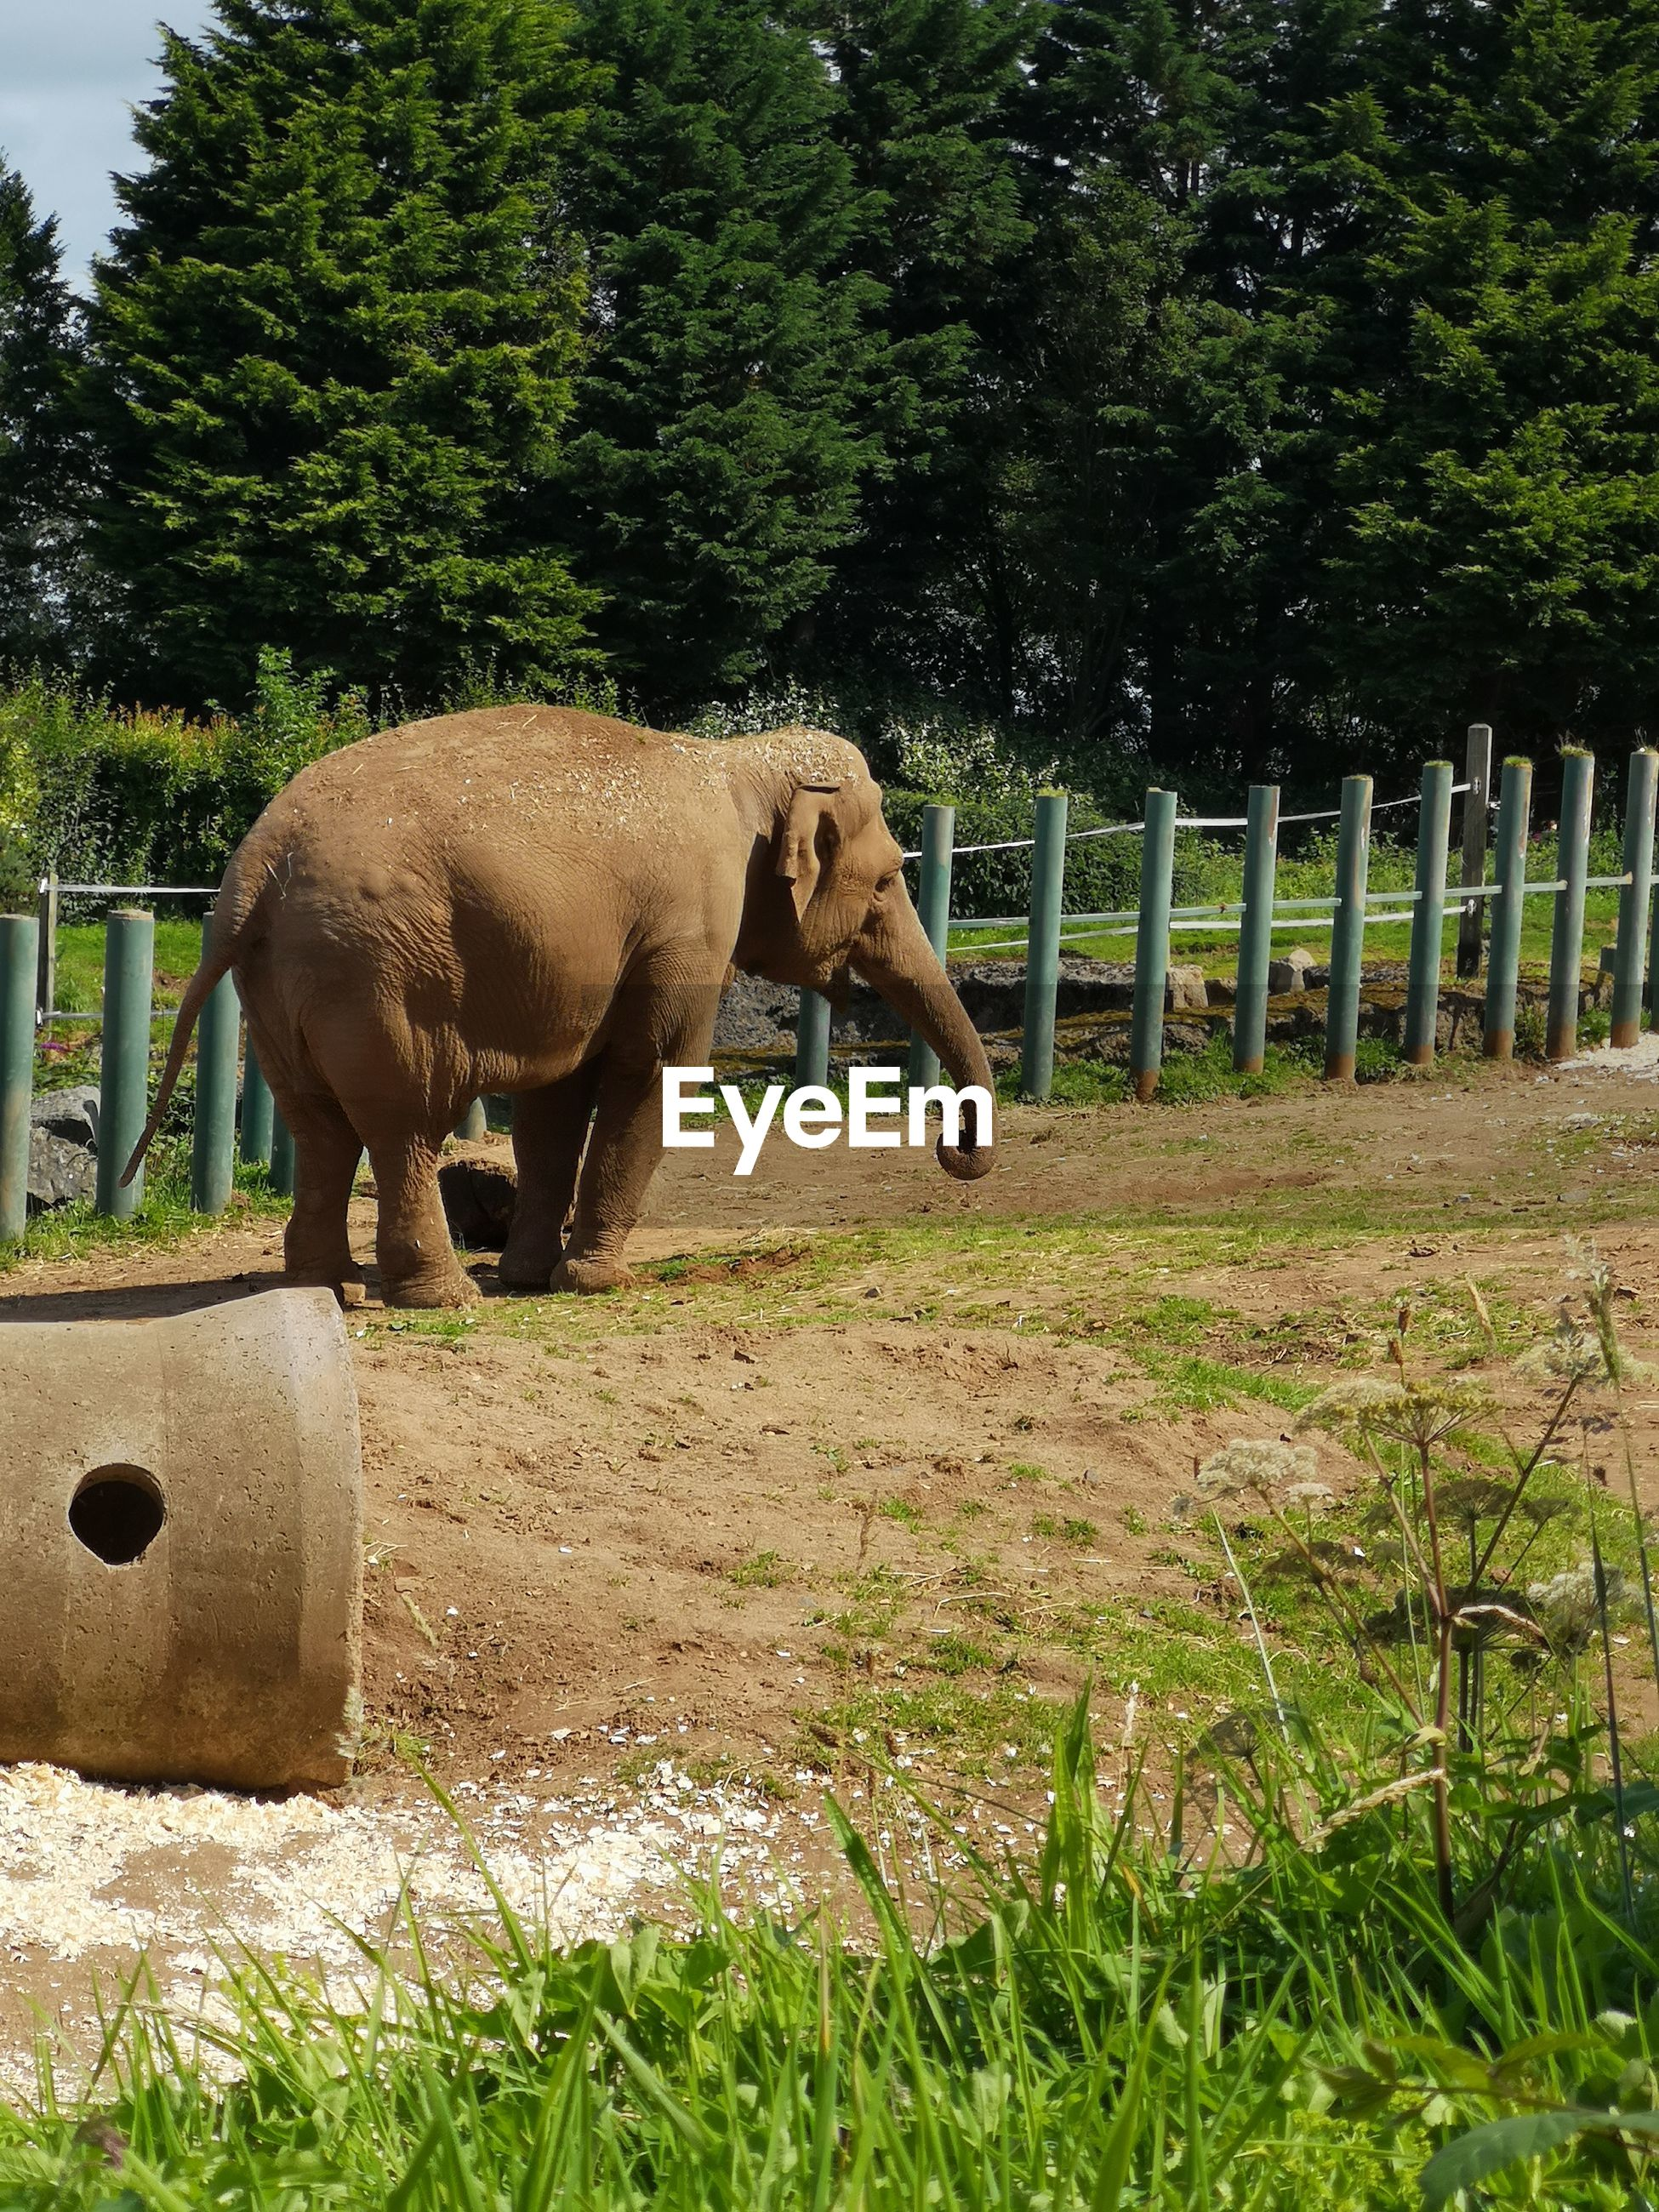 Elephant in belfast zoo